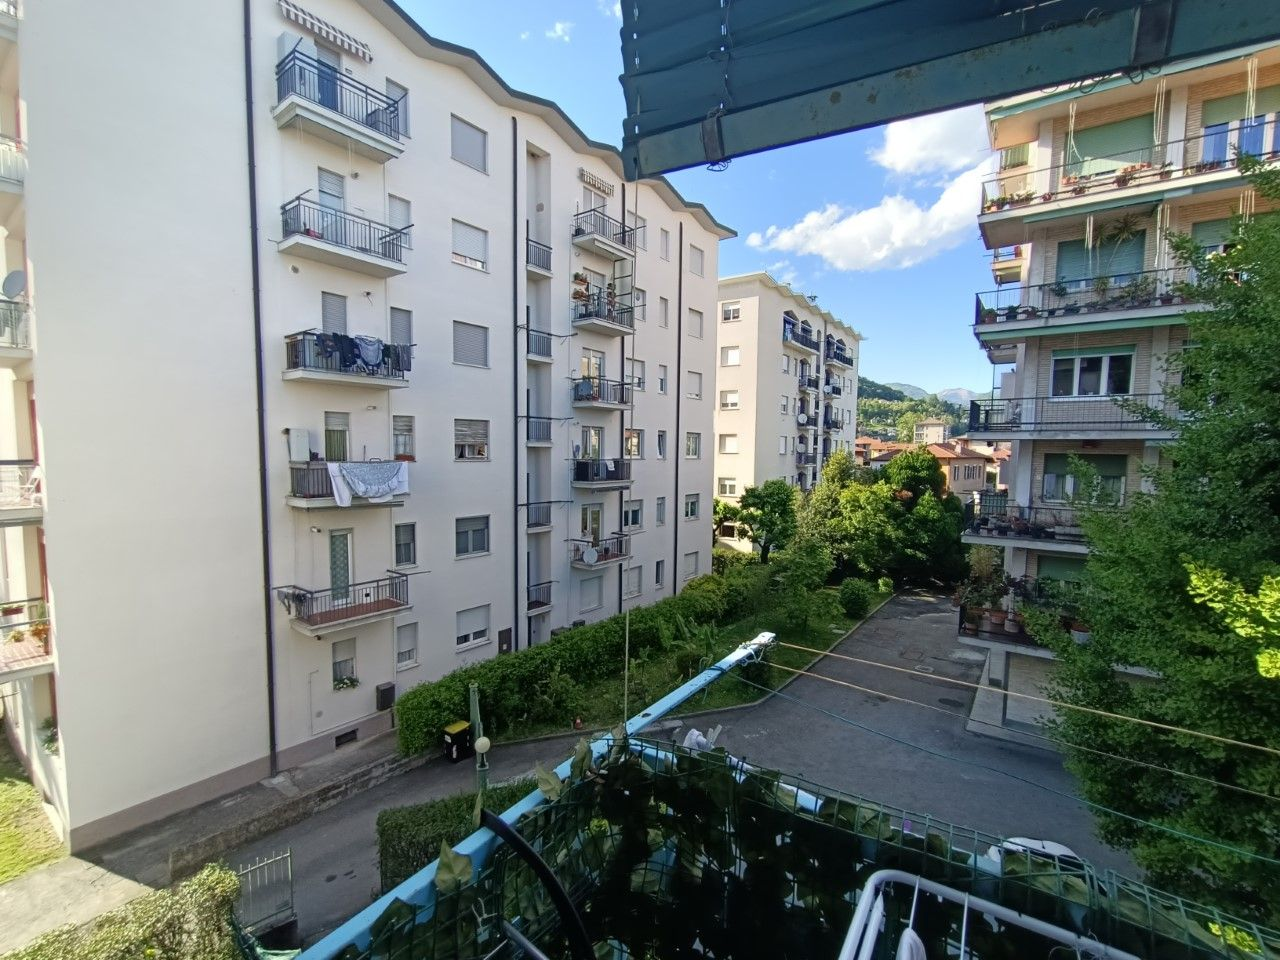 vista dal balcone dietro